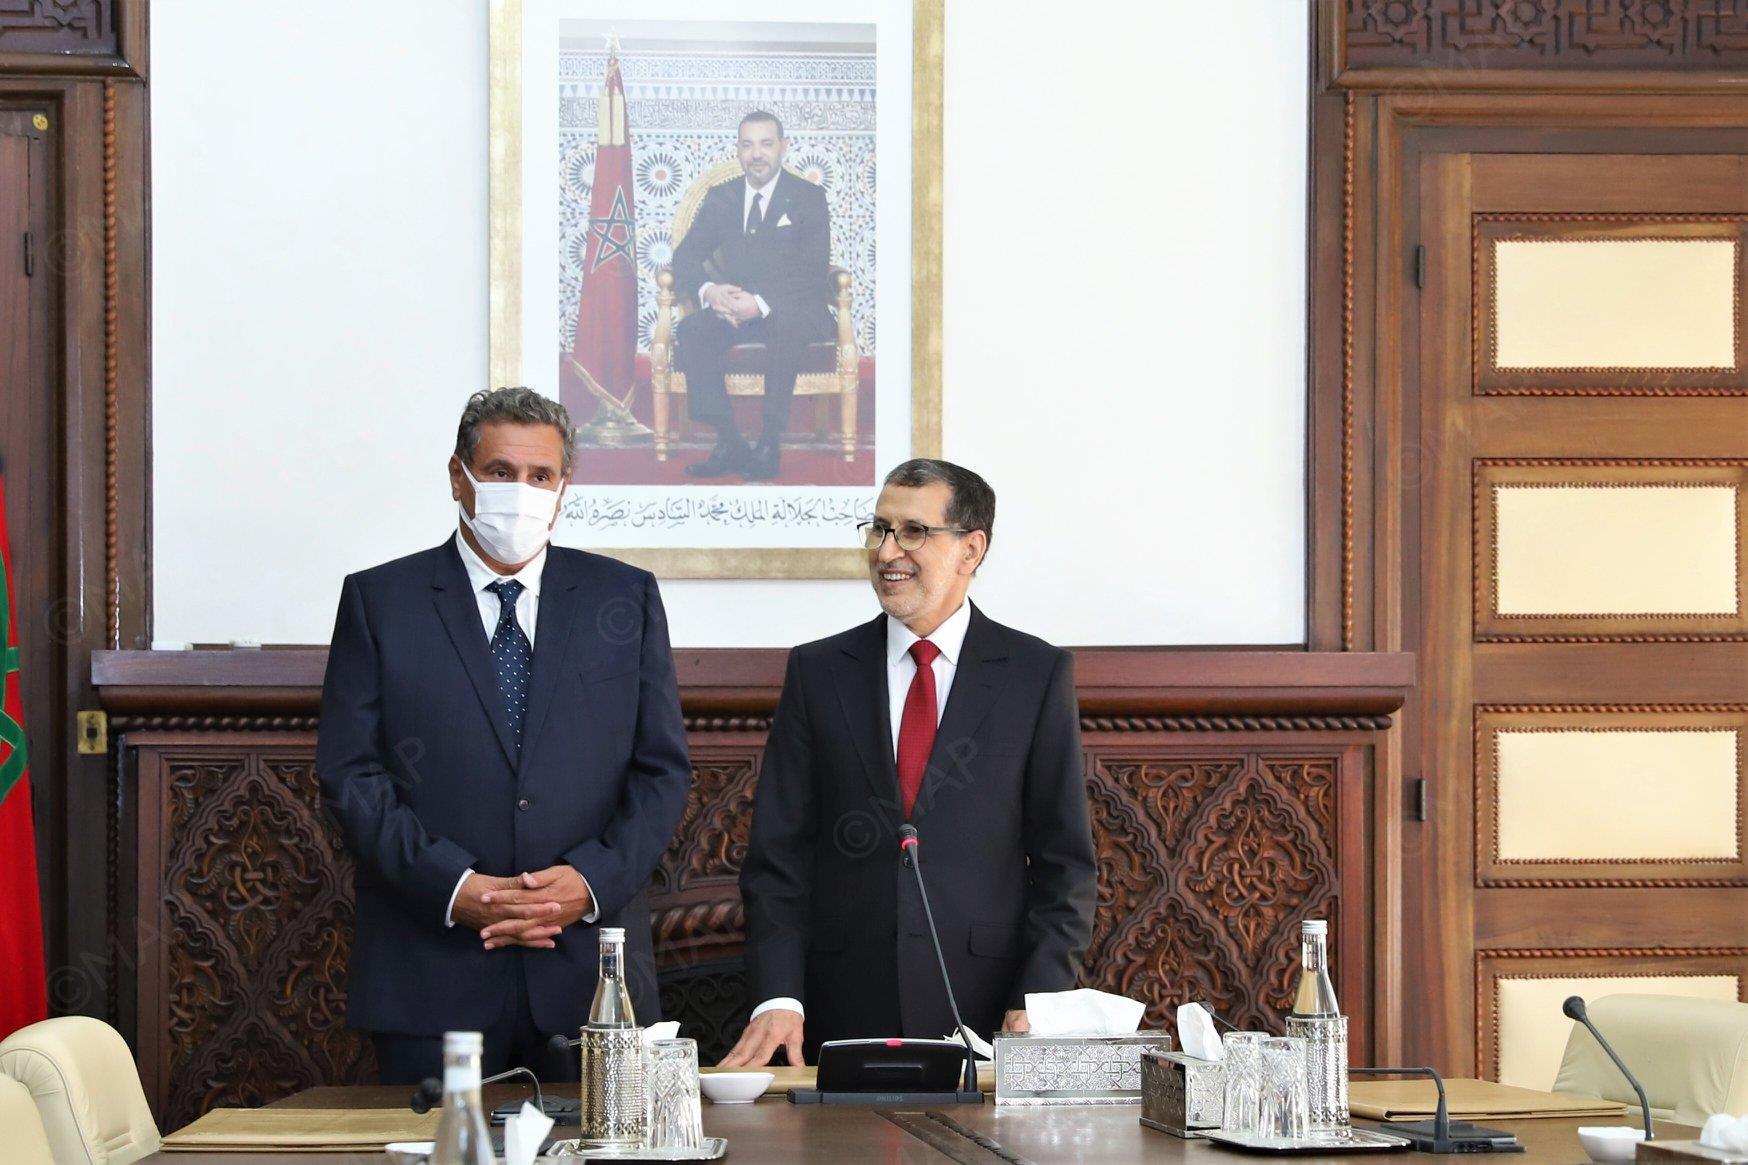 تسليم السلط بين سعد الدين العثماني ورئيس الحكومة الجديد عزيز أخنوش